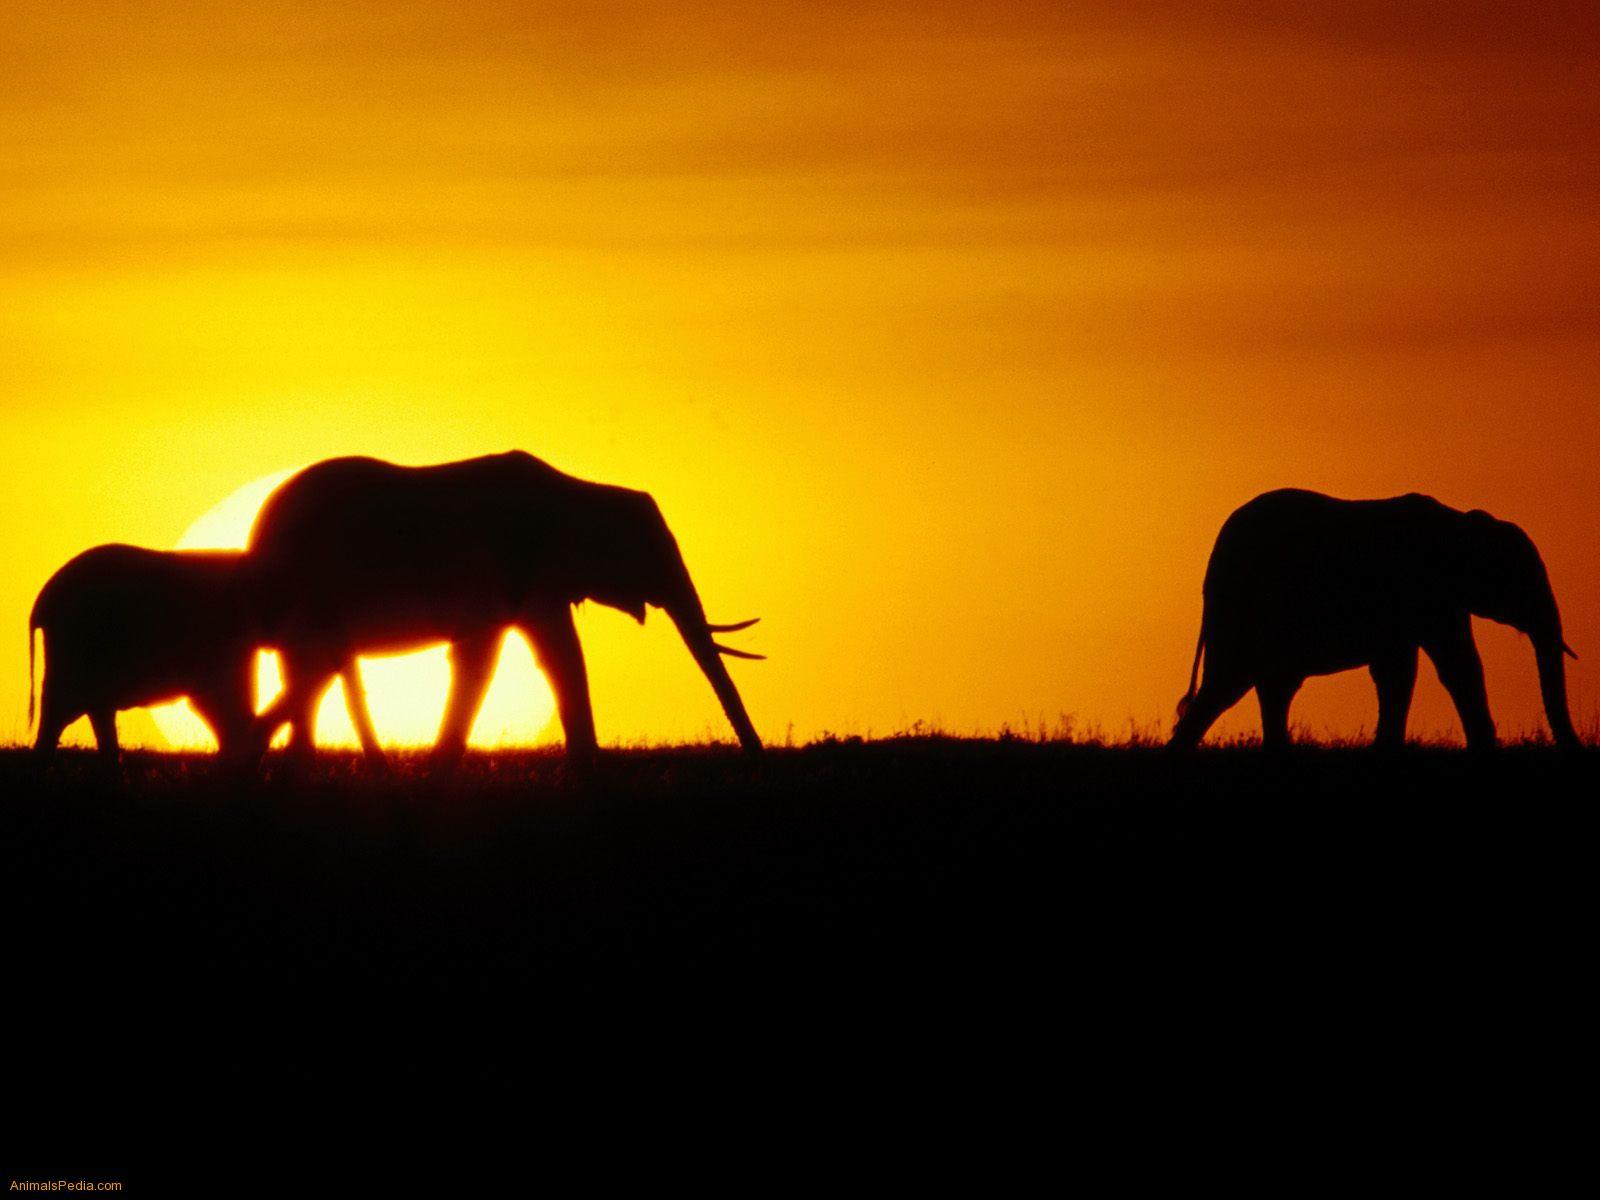 imagenes de habitat de animales - Animales y su Habitat Banco Fotográfico